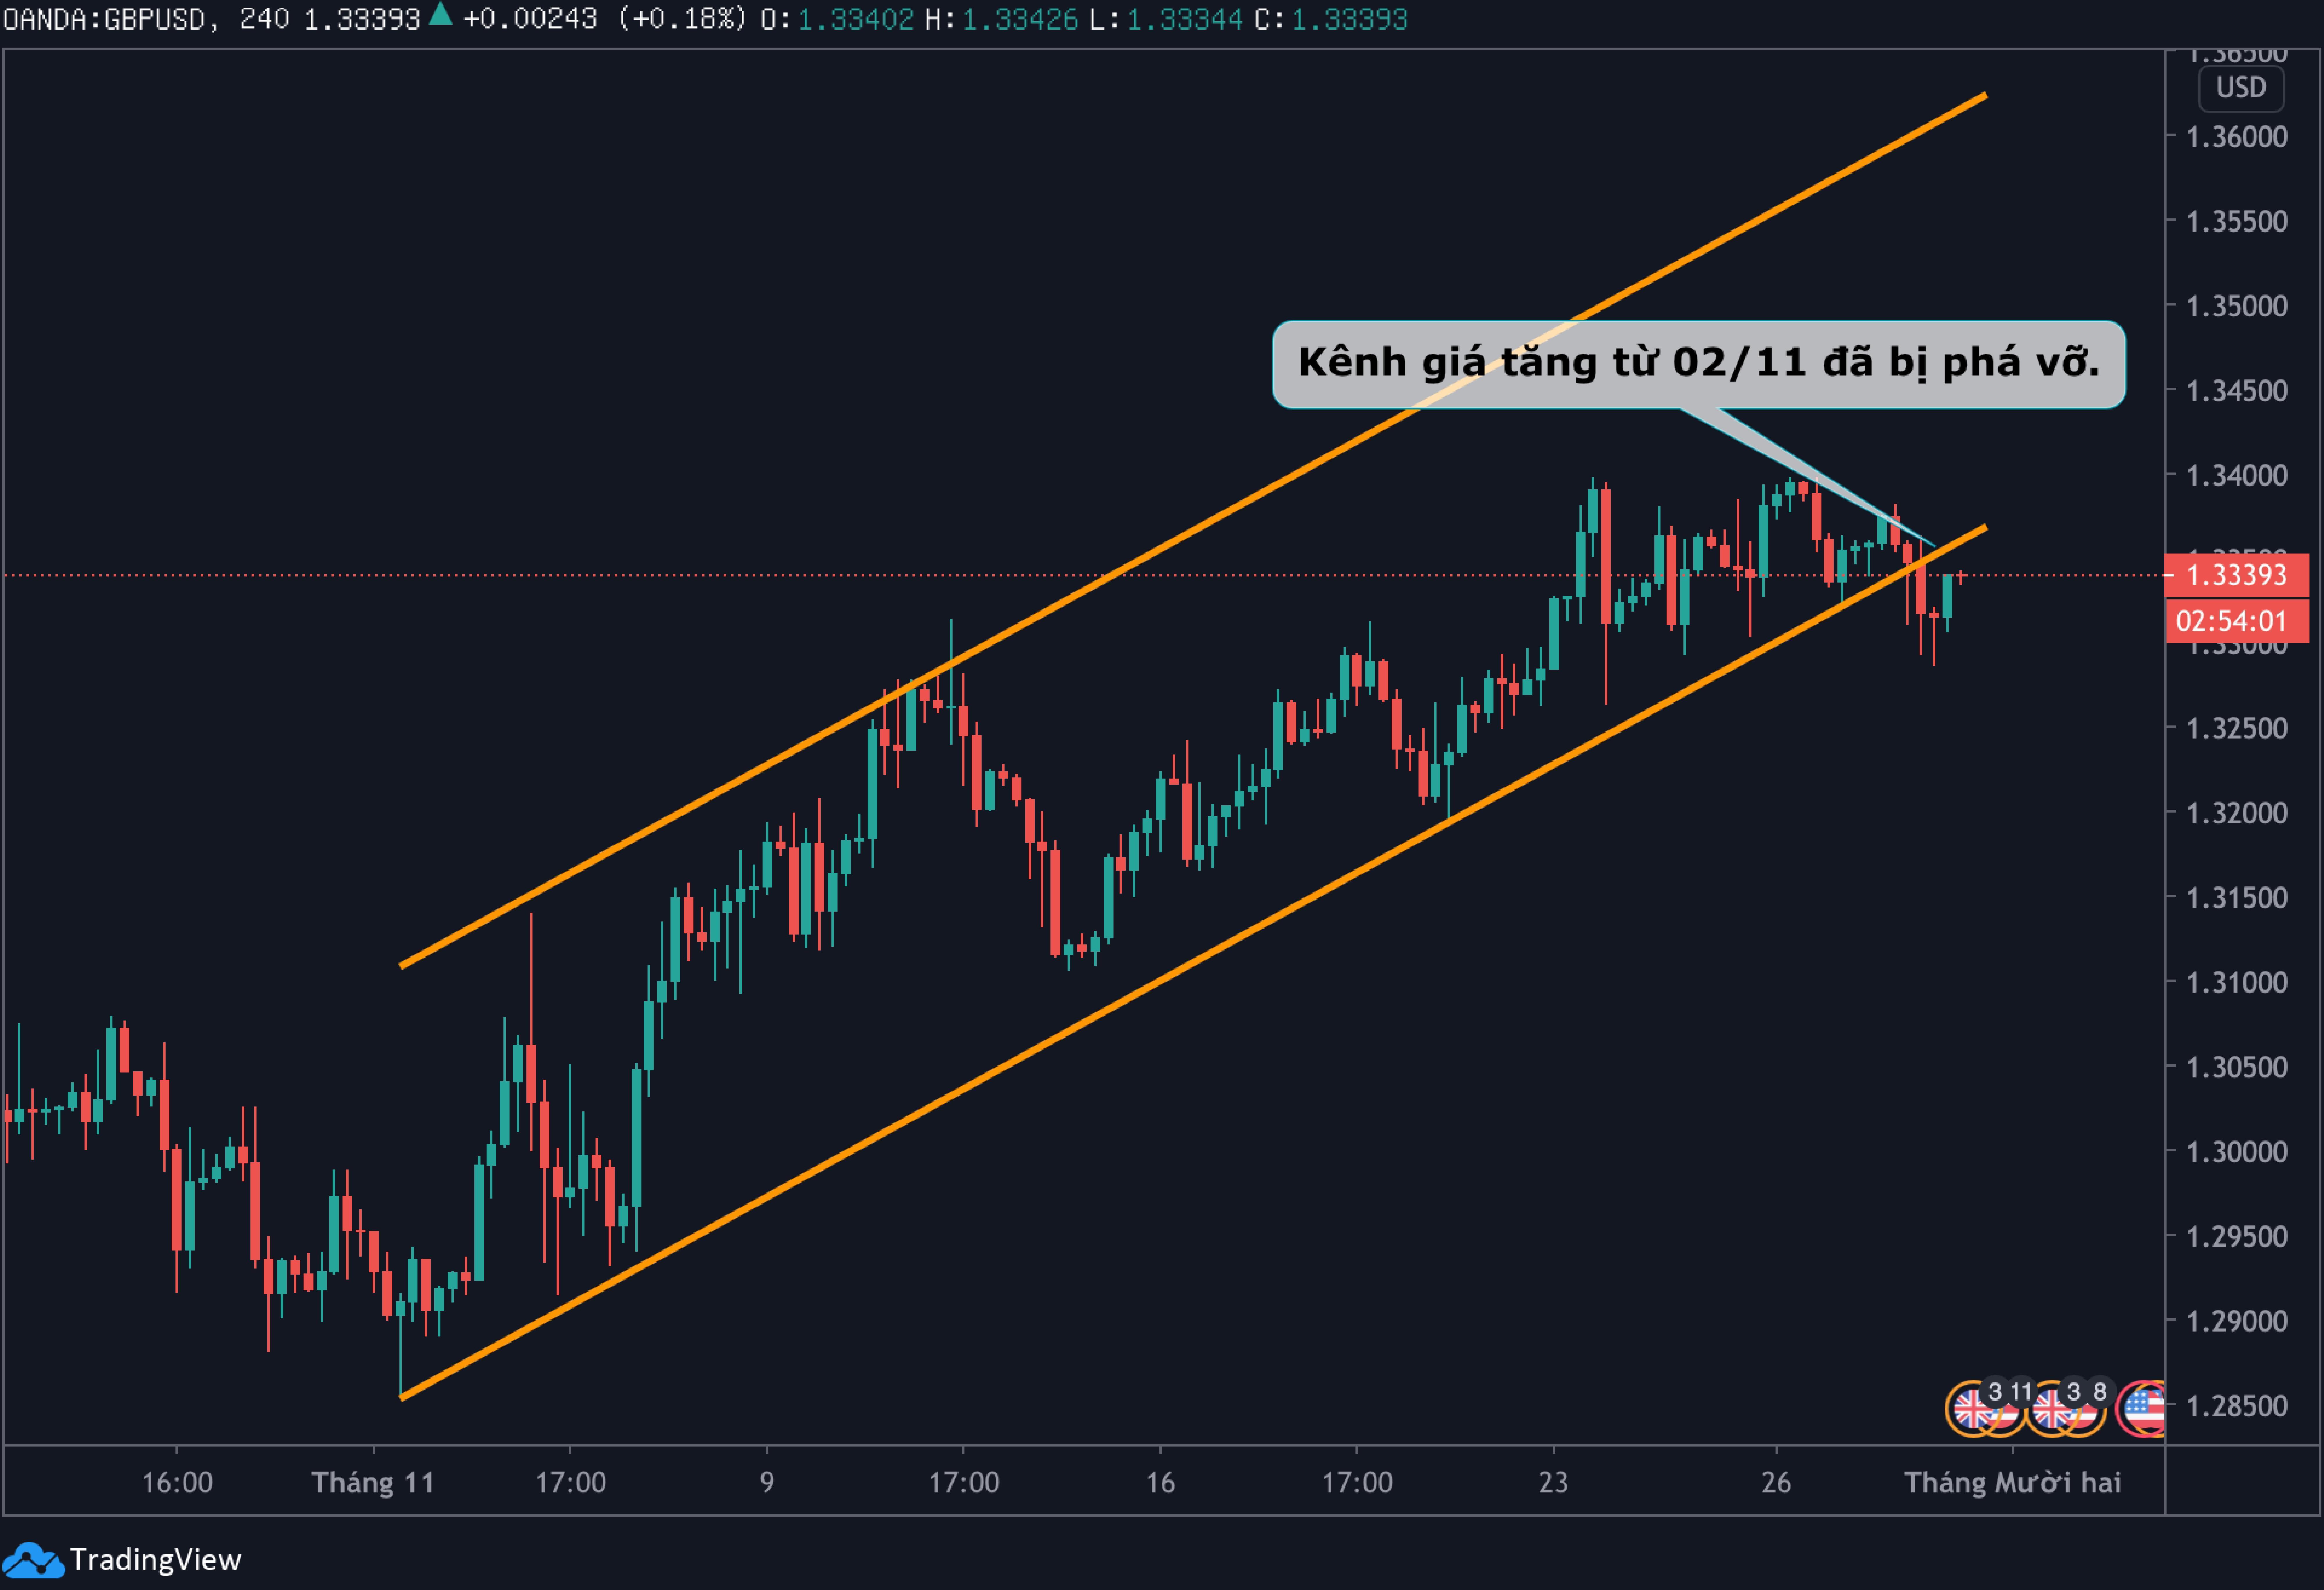 Biểu đồ H4 tỷ giá GBP/USD - Tradingview.